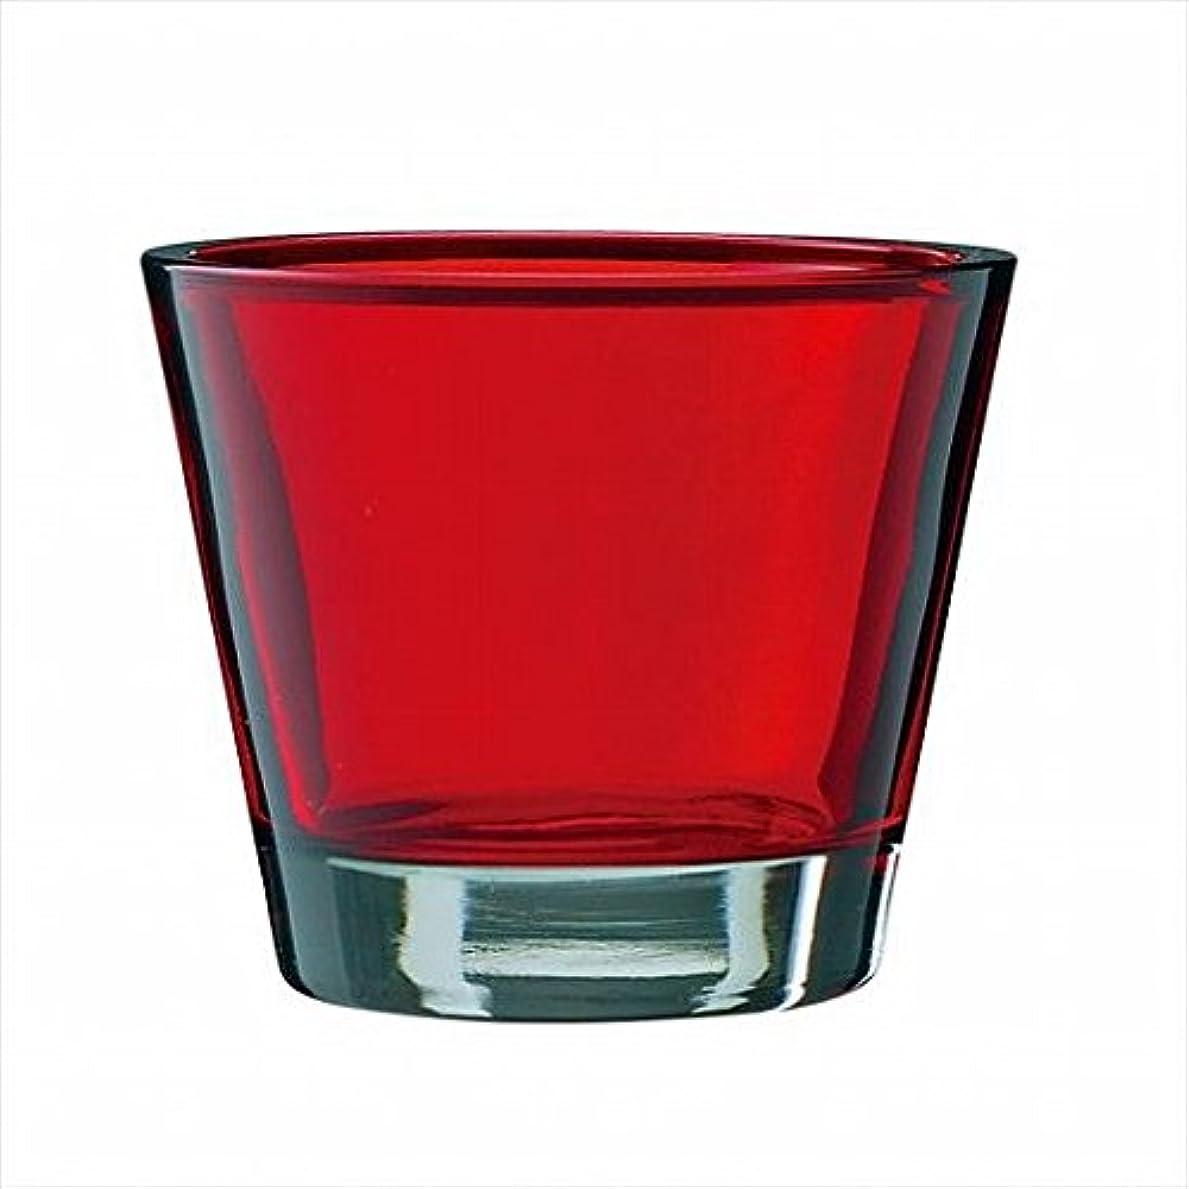 降ろす広々調整kameyama candle(カメヤマキャンドル) カラリス 「 レッド 」(J2540000R)